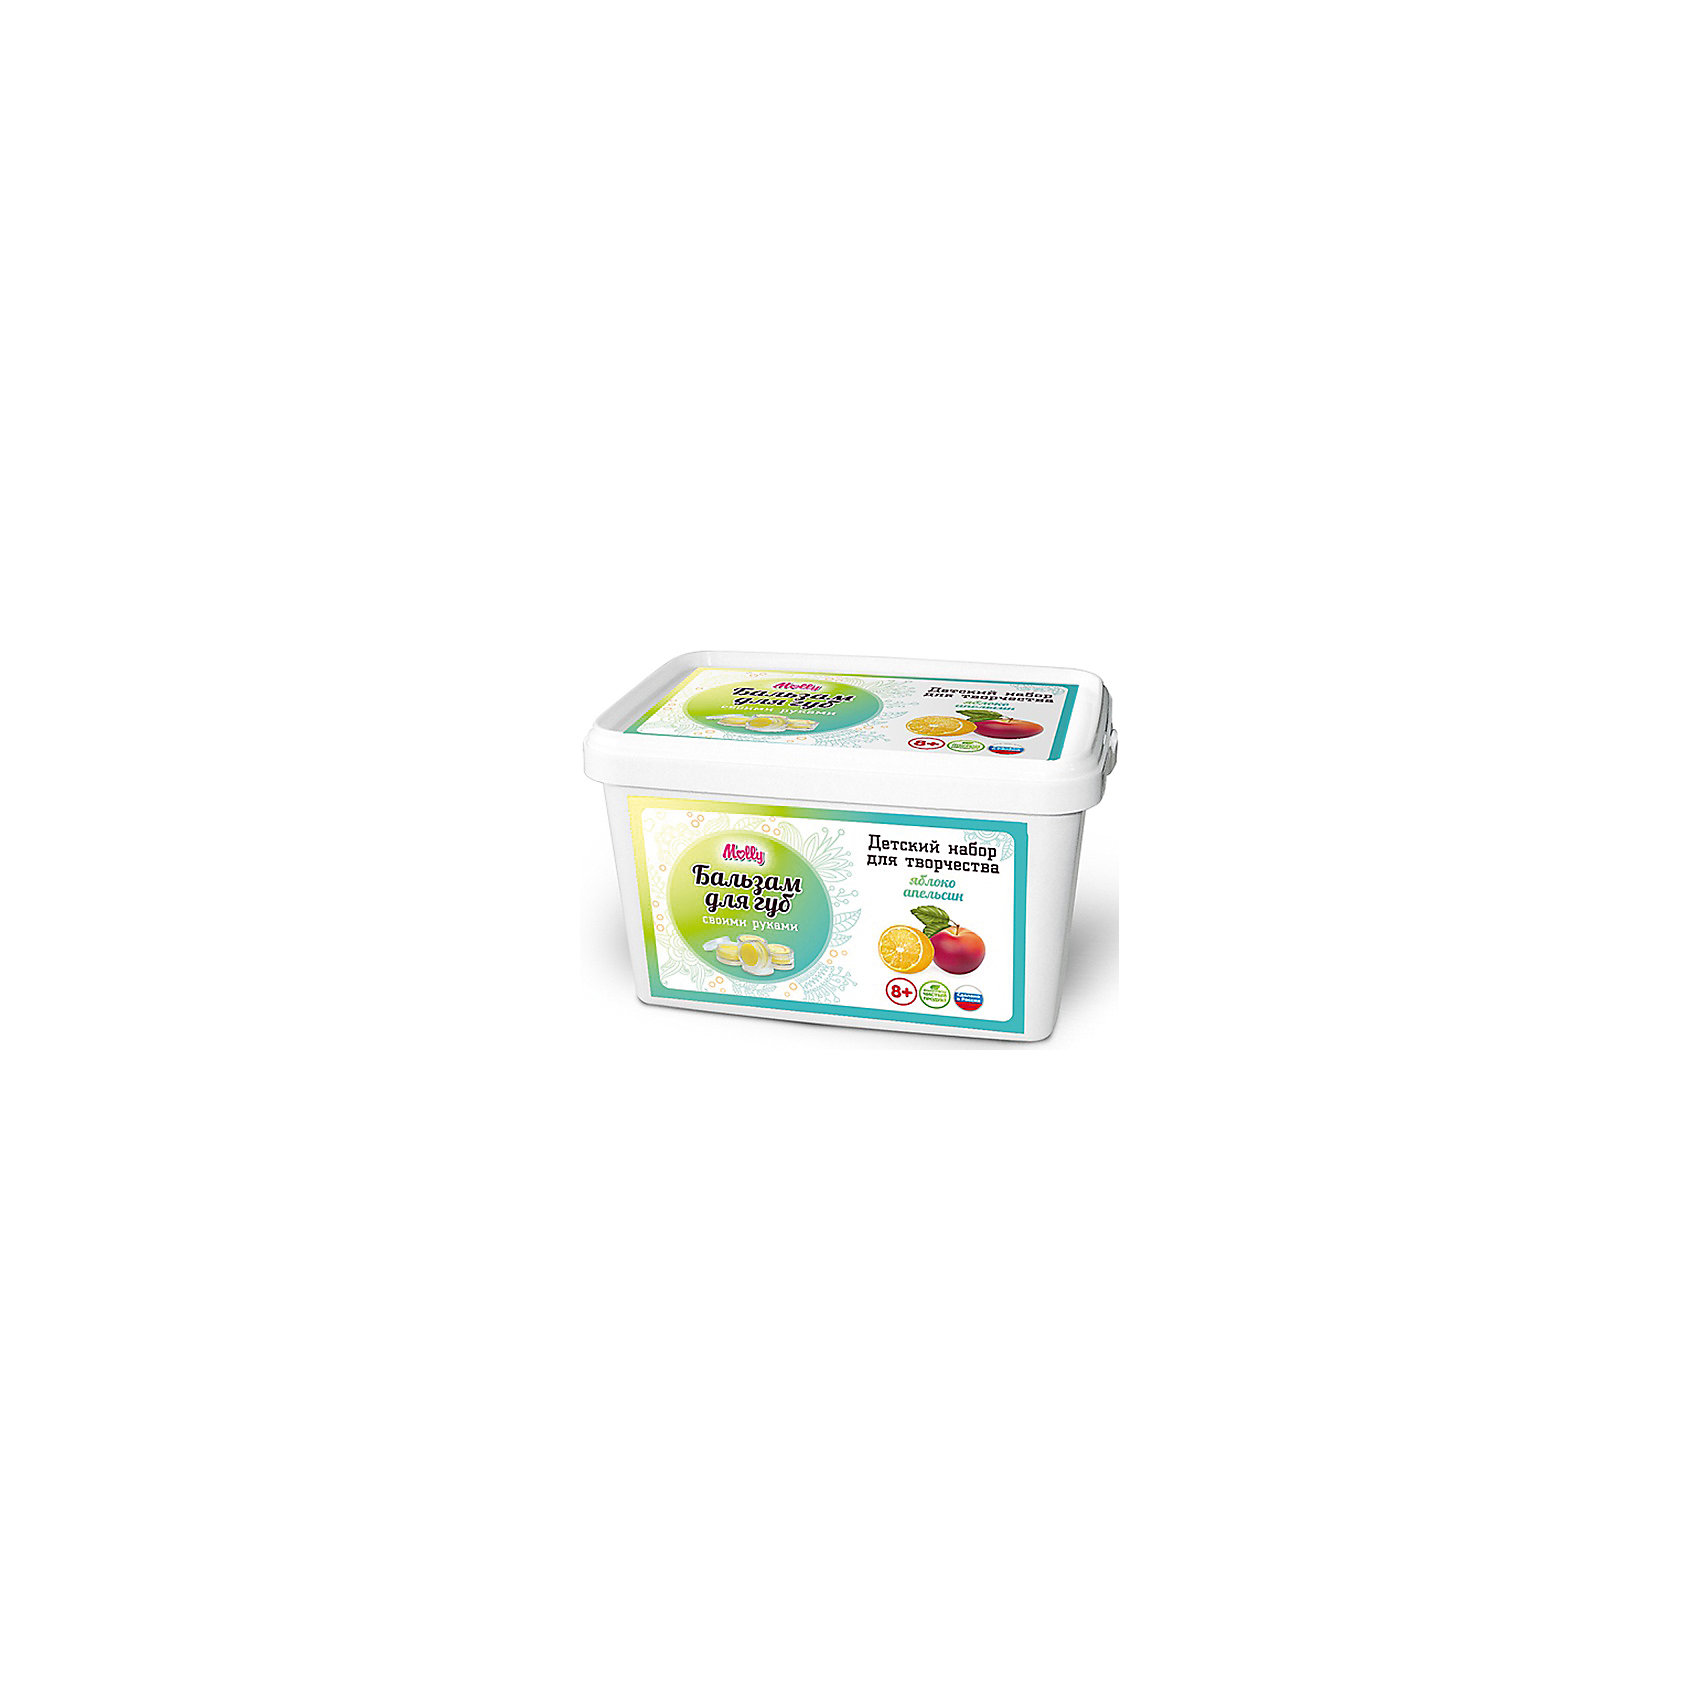 Бальзам для губ Яблоко-АпельсинКосметика, грим и парфюмерия<br>Оригинальный бальзам для губ, который можно создать своими руками. В состав набора входит: масло какао, пчелиный воск, 2 ароматизатора, ложка,  баночки для готового бальзама,  одноразовые перчатки и подробная инструкция.<br><br>Ширина мм: 20<br>Глубина мм: 13<br>Высота мм: 11<br>Вес г: 215<br>Возраст от месяцев: 96<br>Возраст до месяцев: 144<br>Пол: Унисекс<br>Возраст: Детский<br>SKU: 5115204